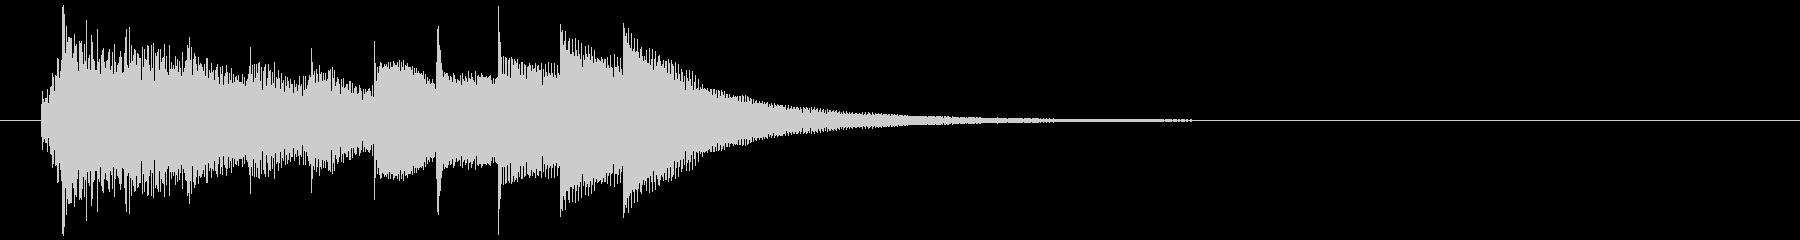 おしゃれで少し切ないオルゴールのジングルの未再生の波形